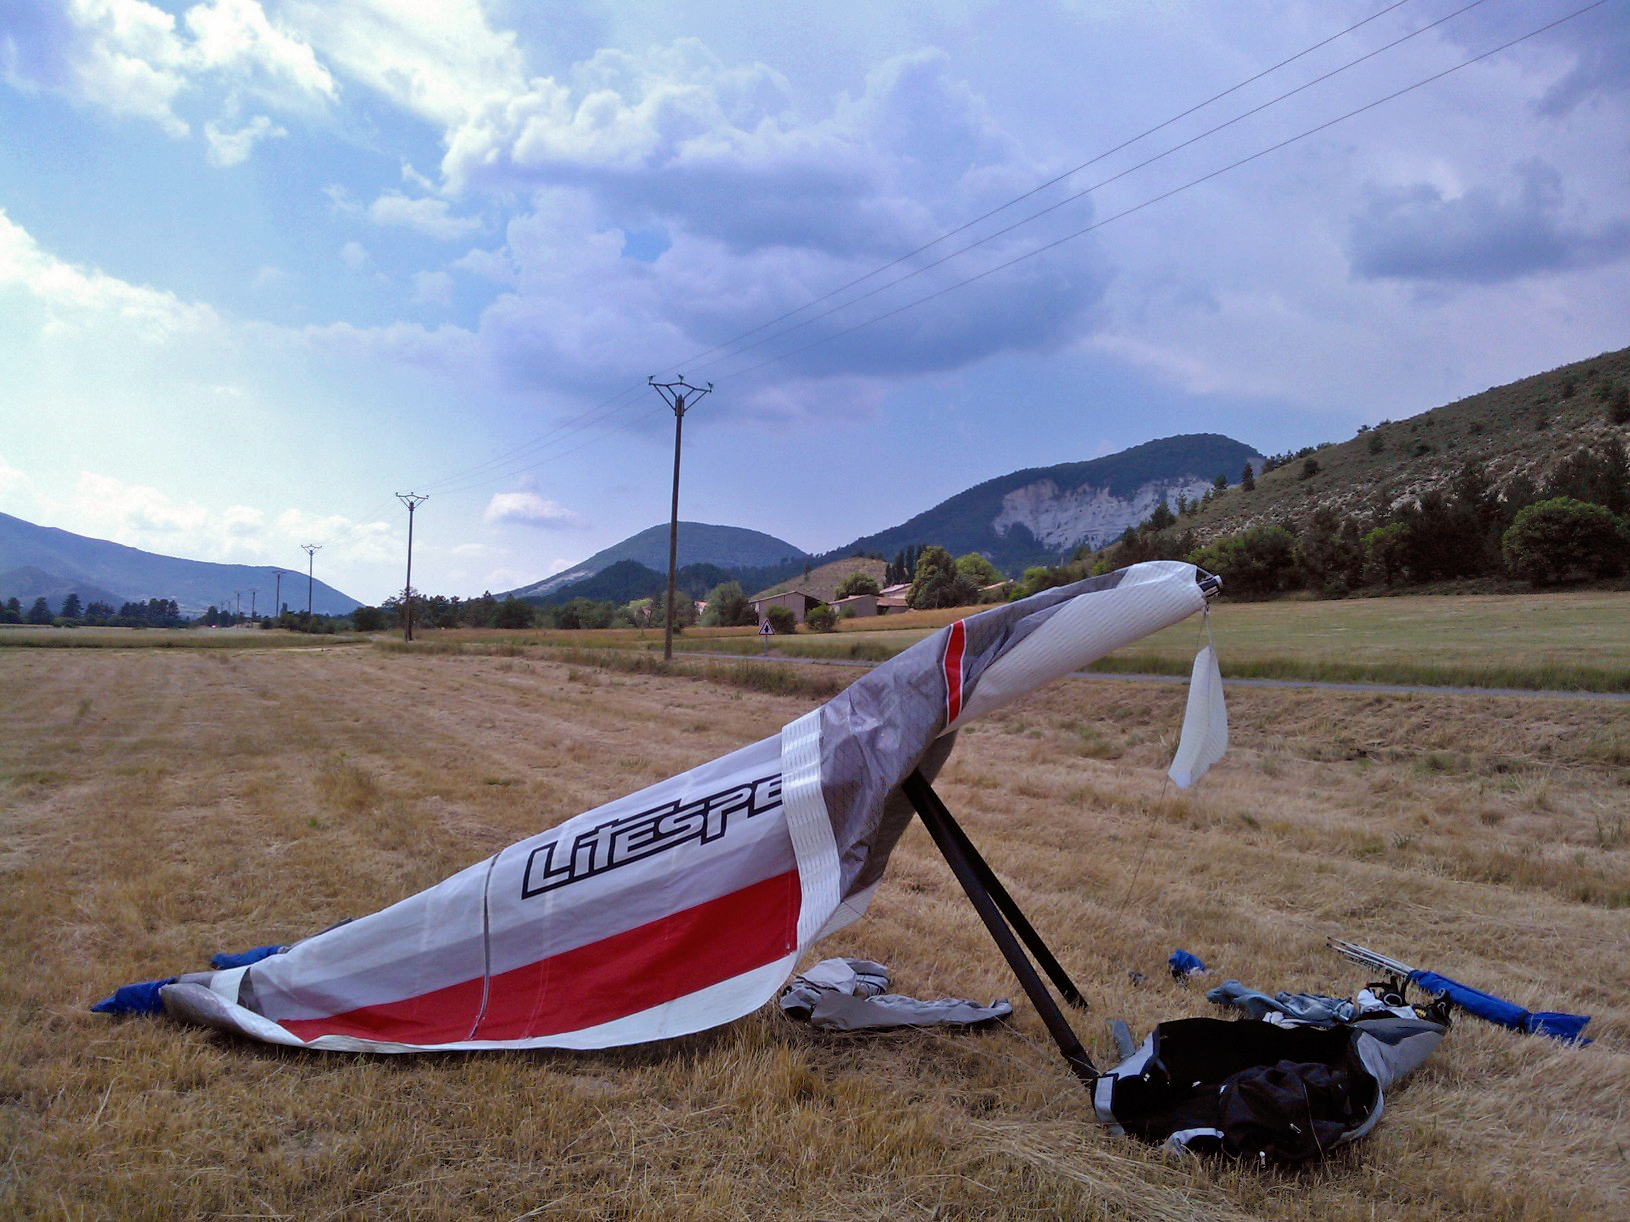 Sederon landing